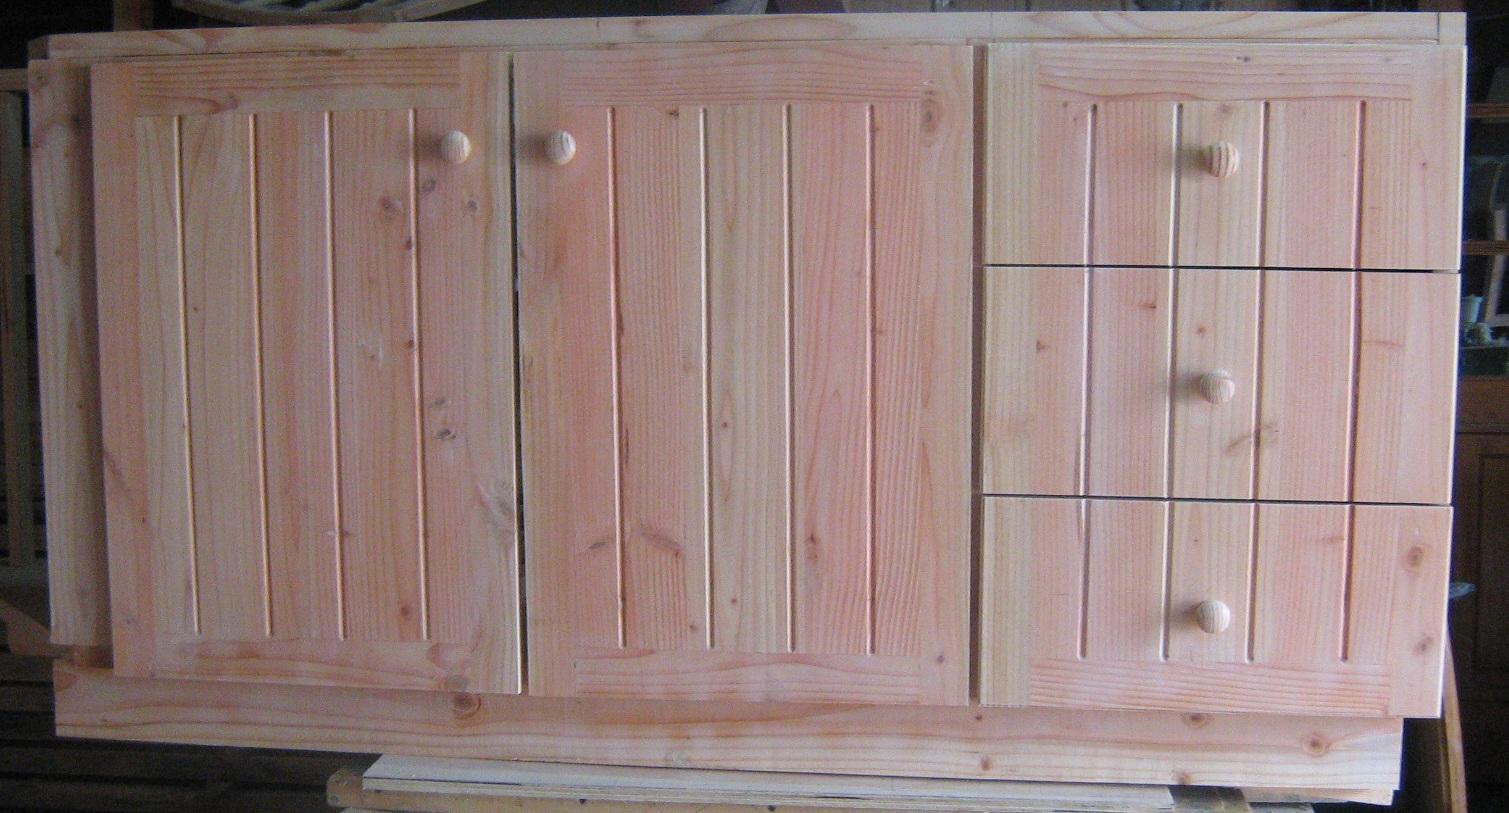 Puertas Para Muebles - Decoracion Del Hogar - Evenaia.com